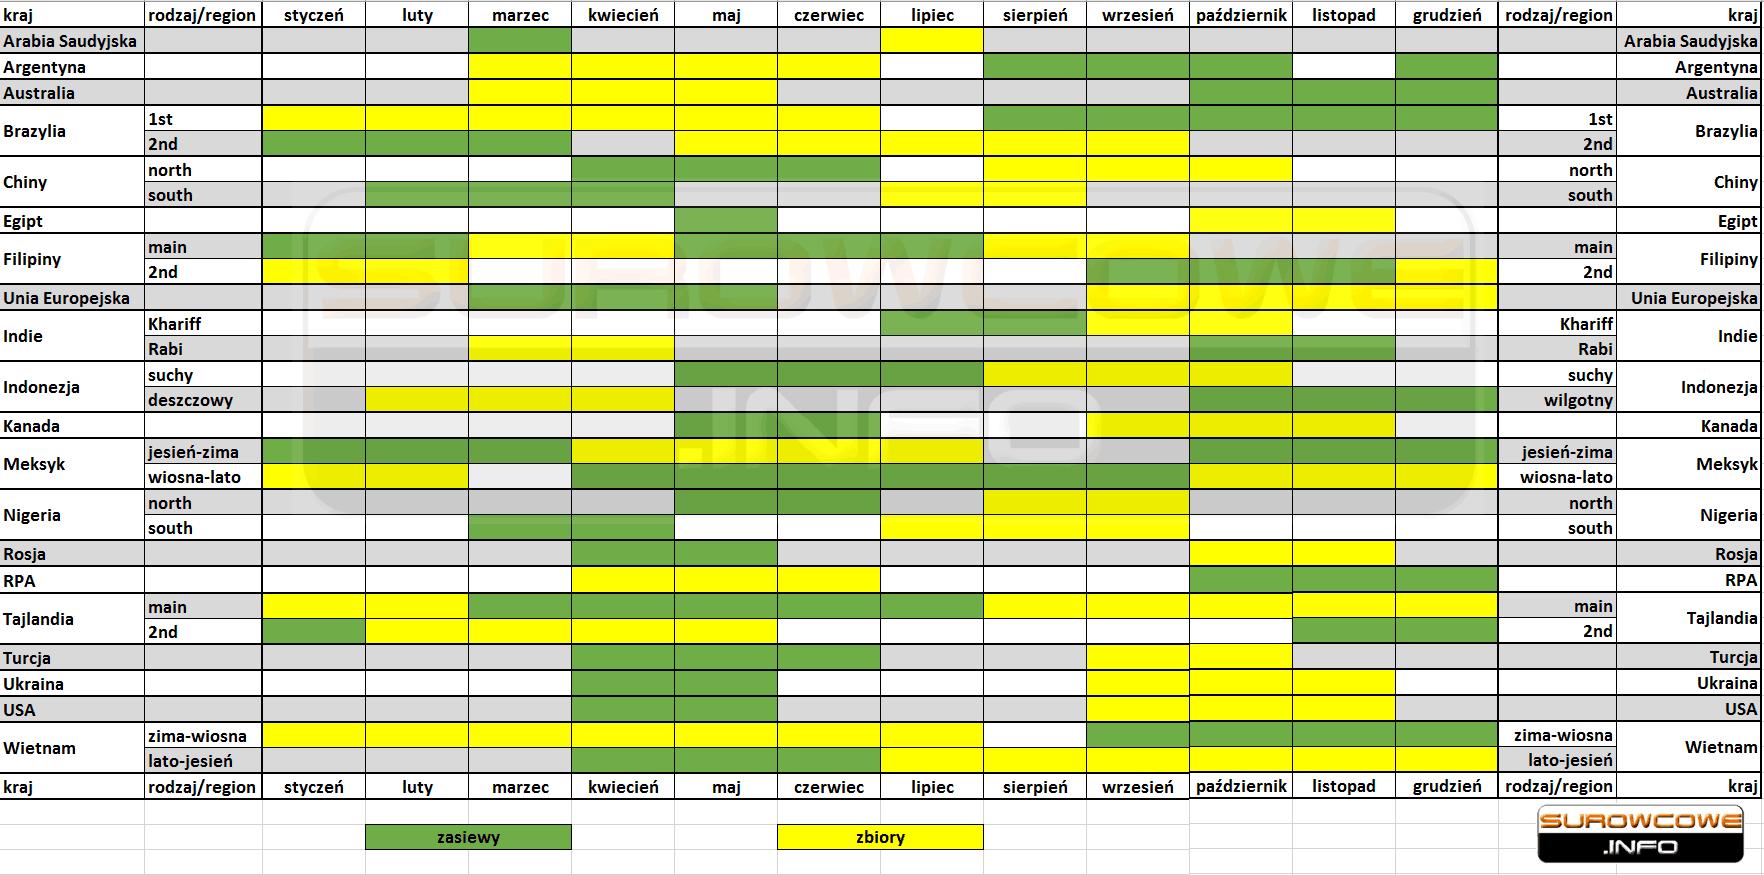 kalendarz zasiewów oraz zbiorów kukurydzy na świecie